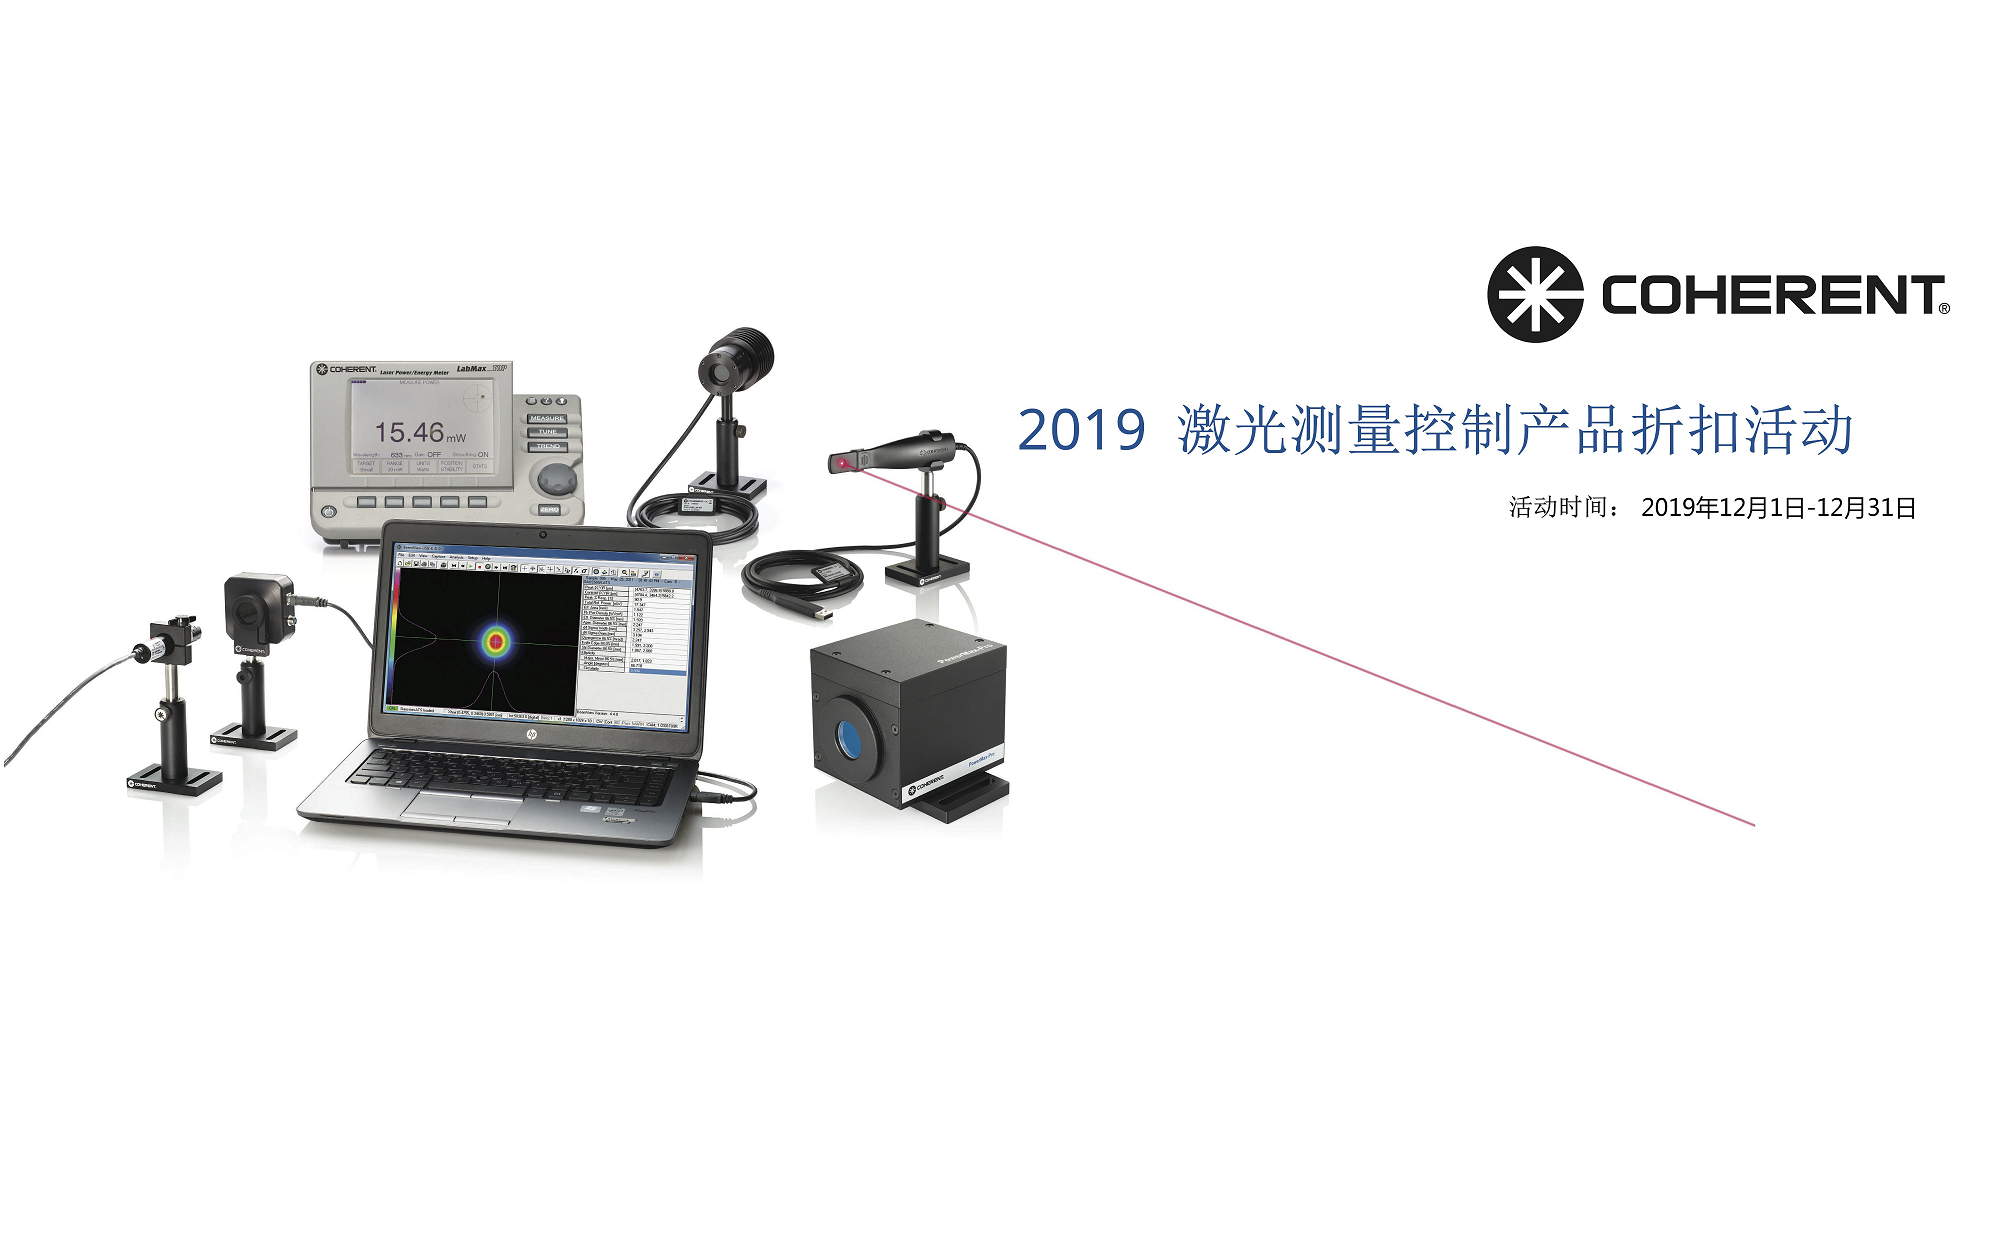 半导体激光器的应用领域有哪些?